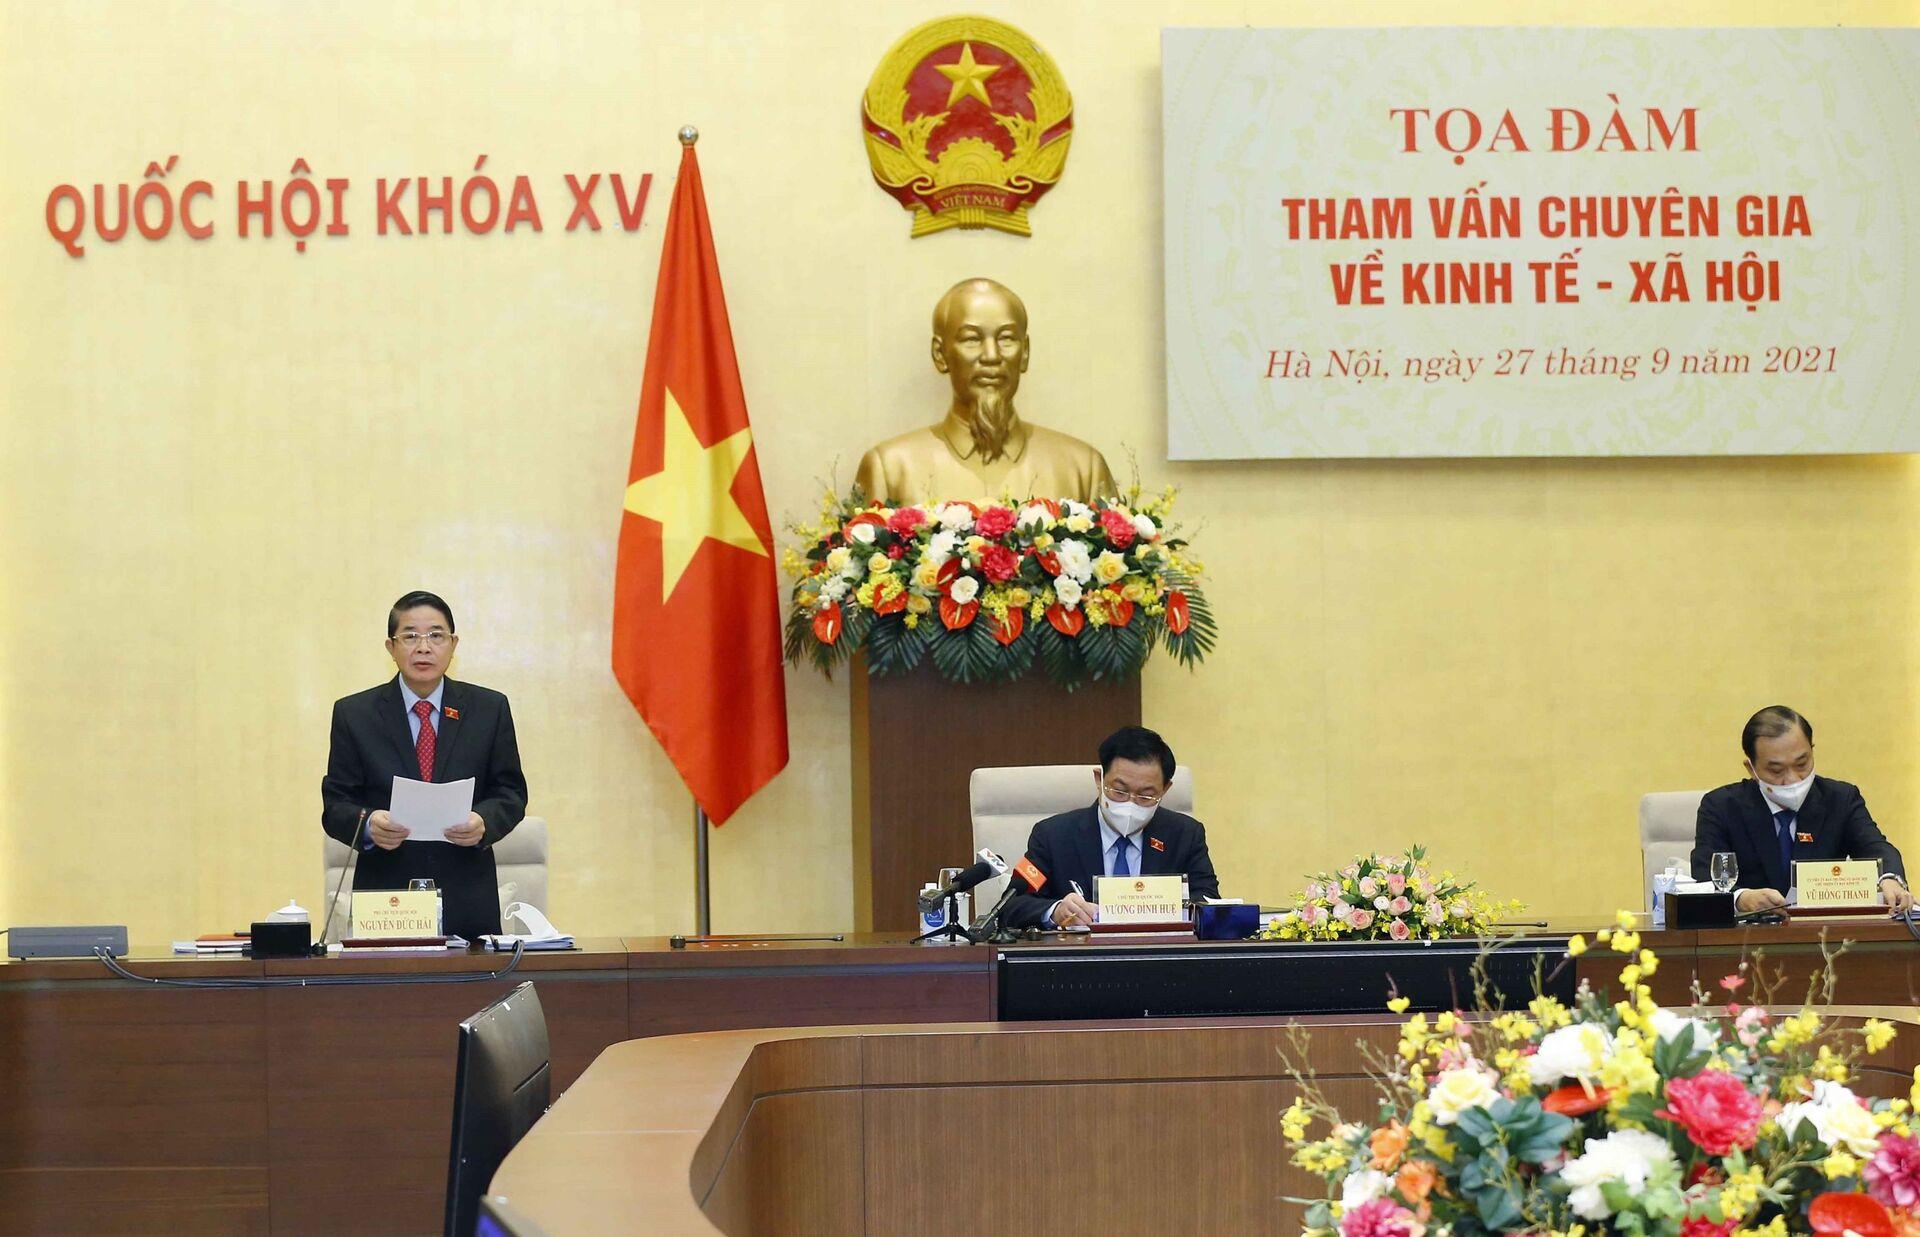 Phó Chủ tịch Quốc hội Nguyễn Đức Hải phát biểu. - Sputnik Việt Nam, 1920, 05.10.2021